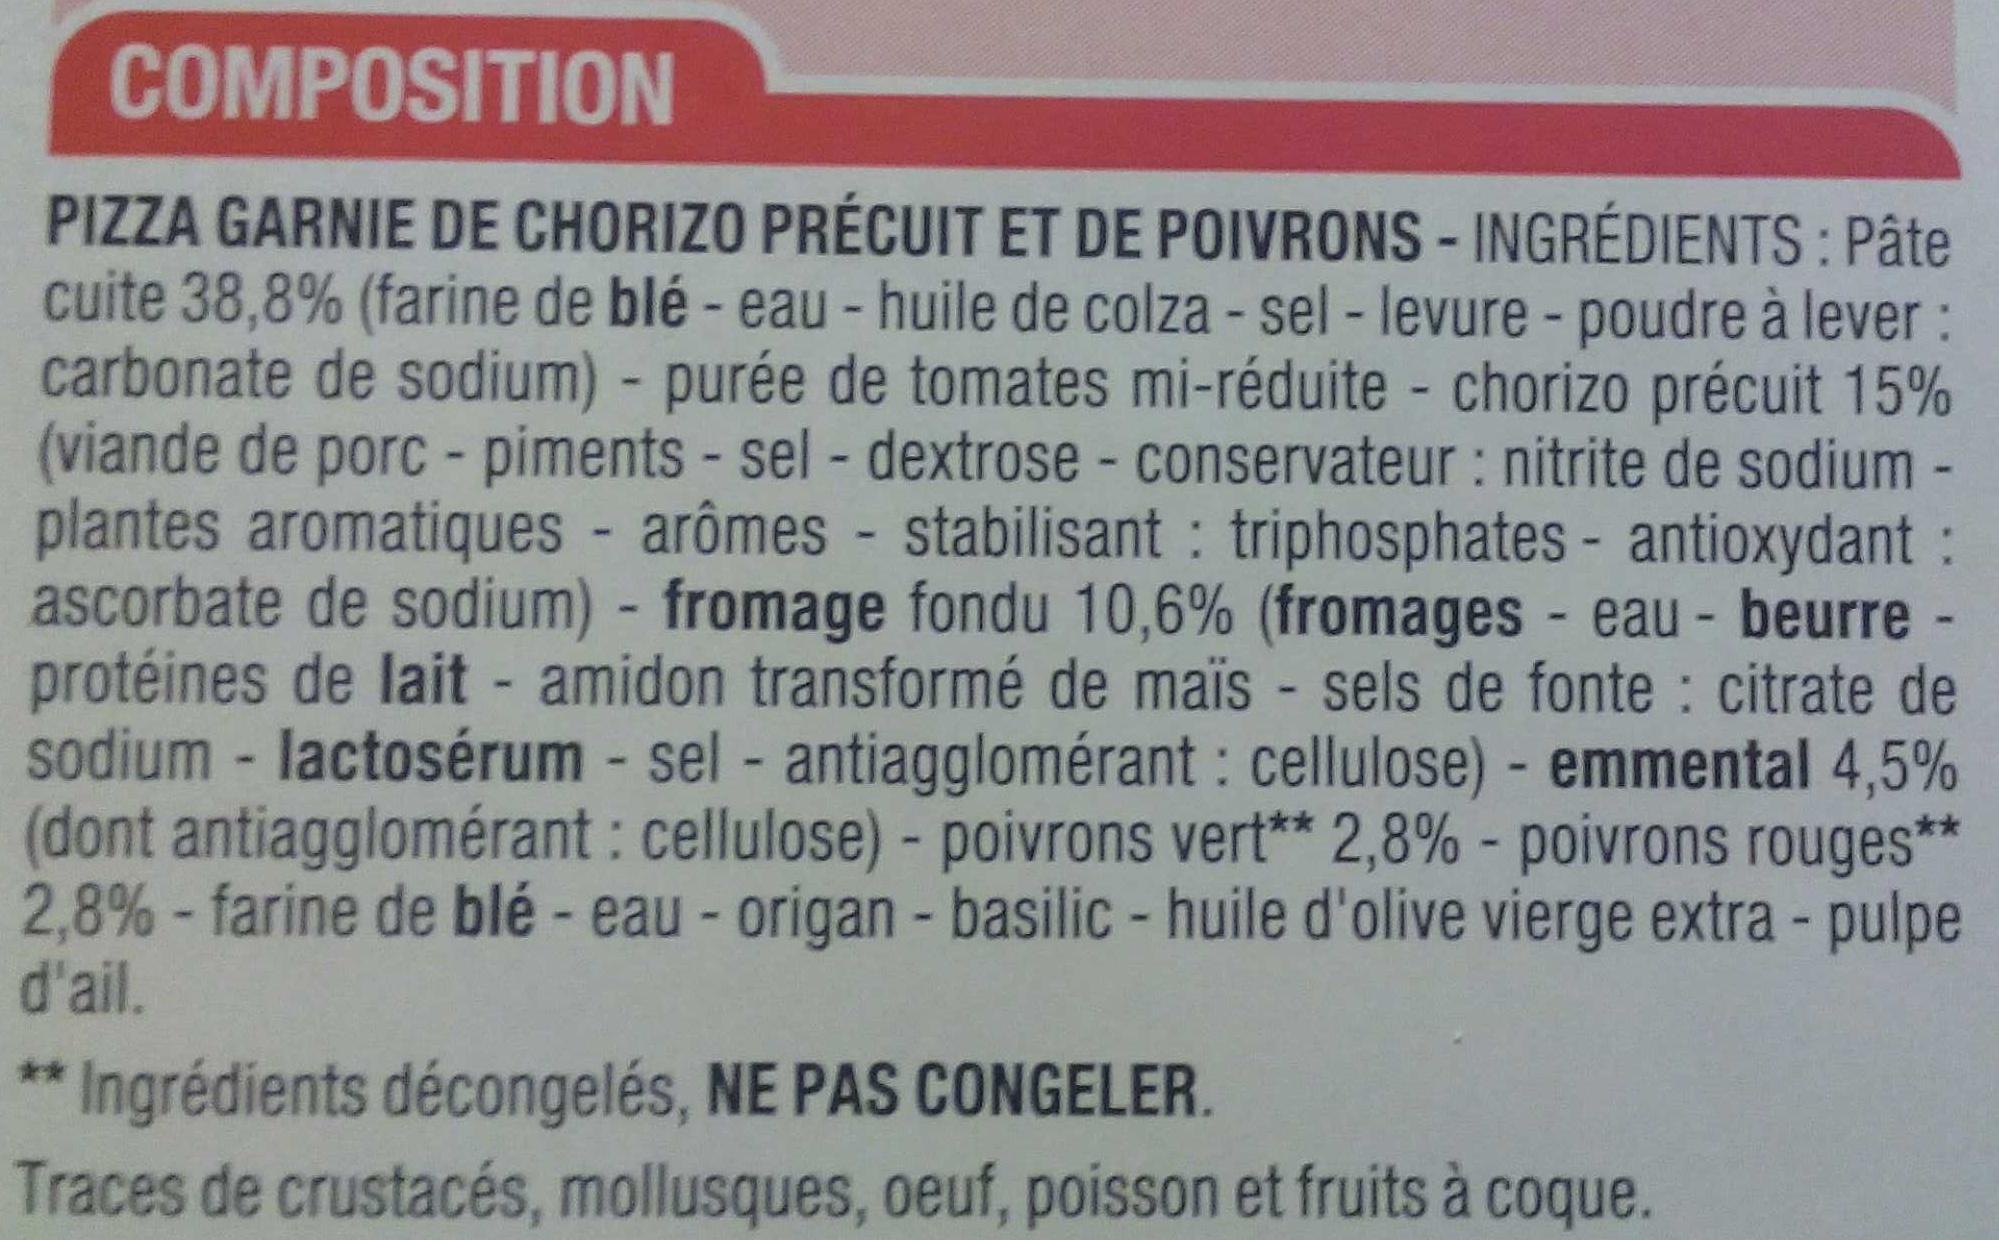 Pizza garnie de chorizo précuit et de poivrons - Ingredients - fr